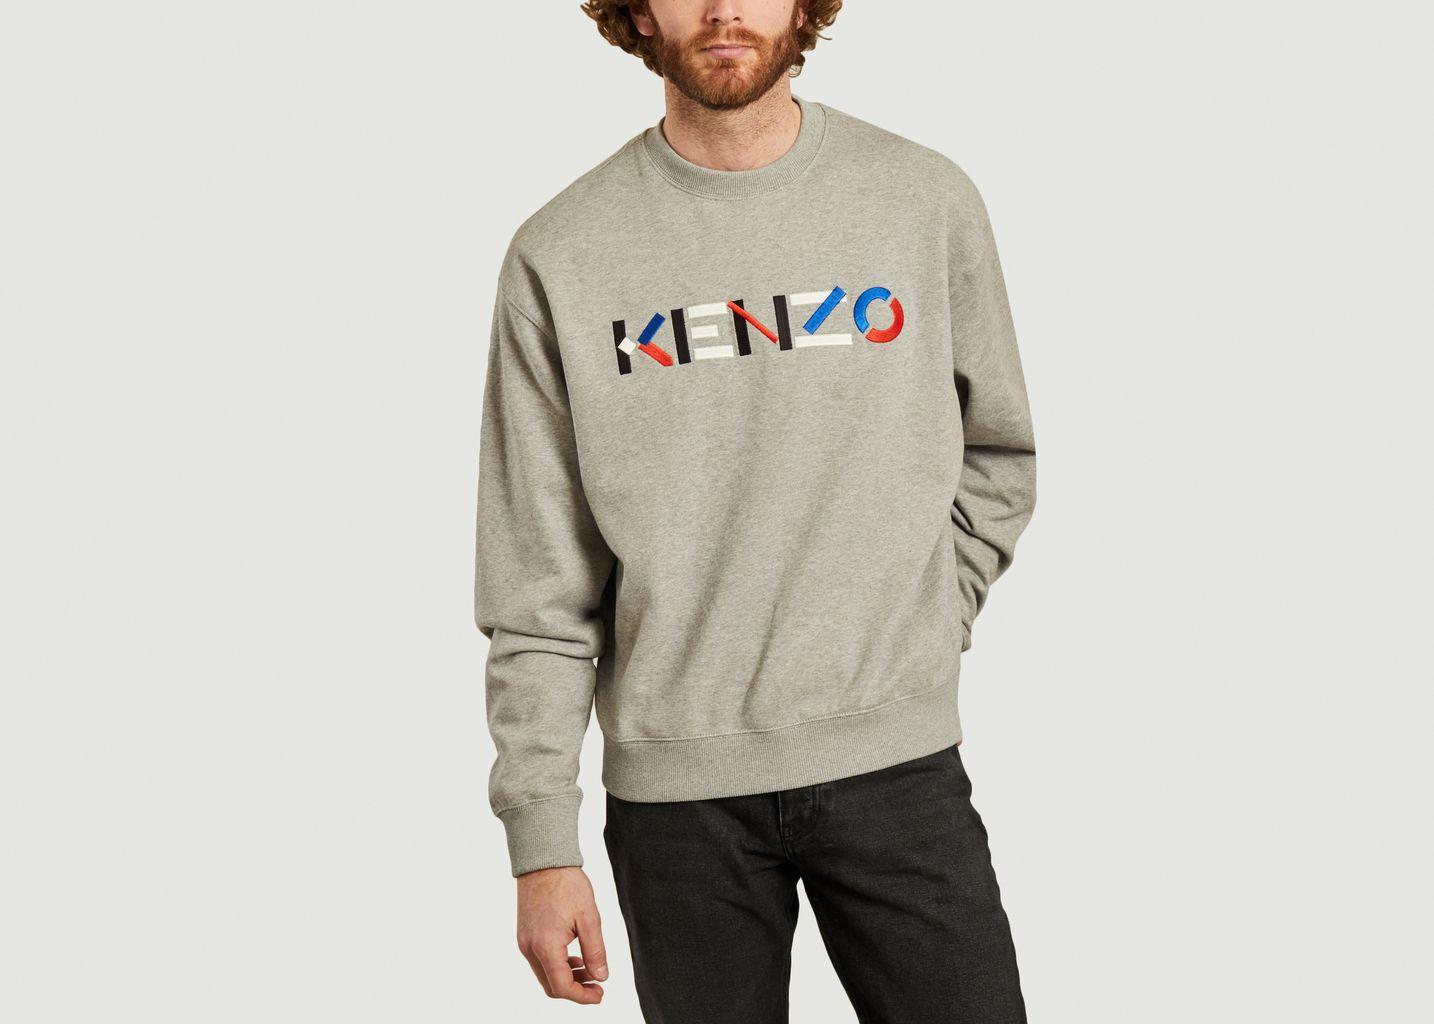 Sweatshirt Logo - Kenzo